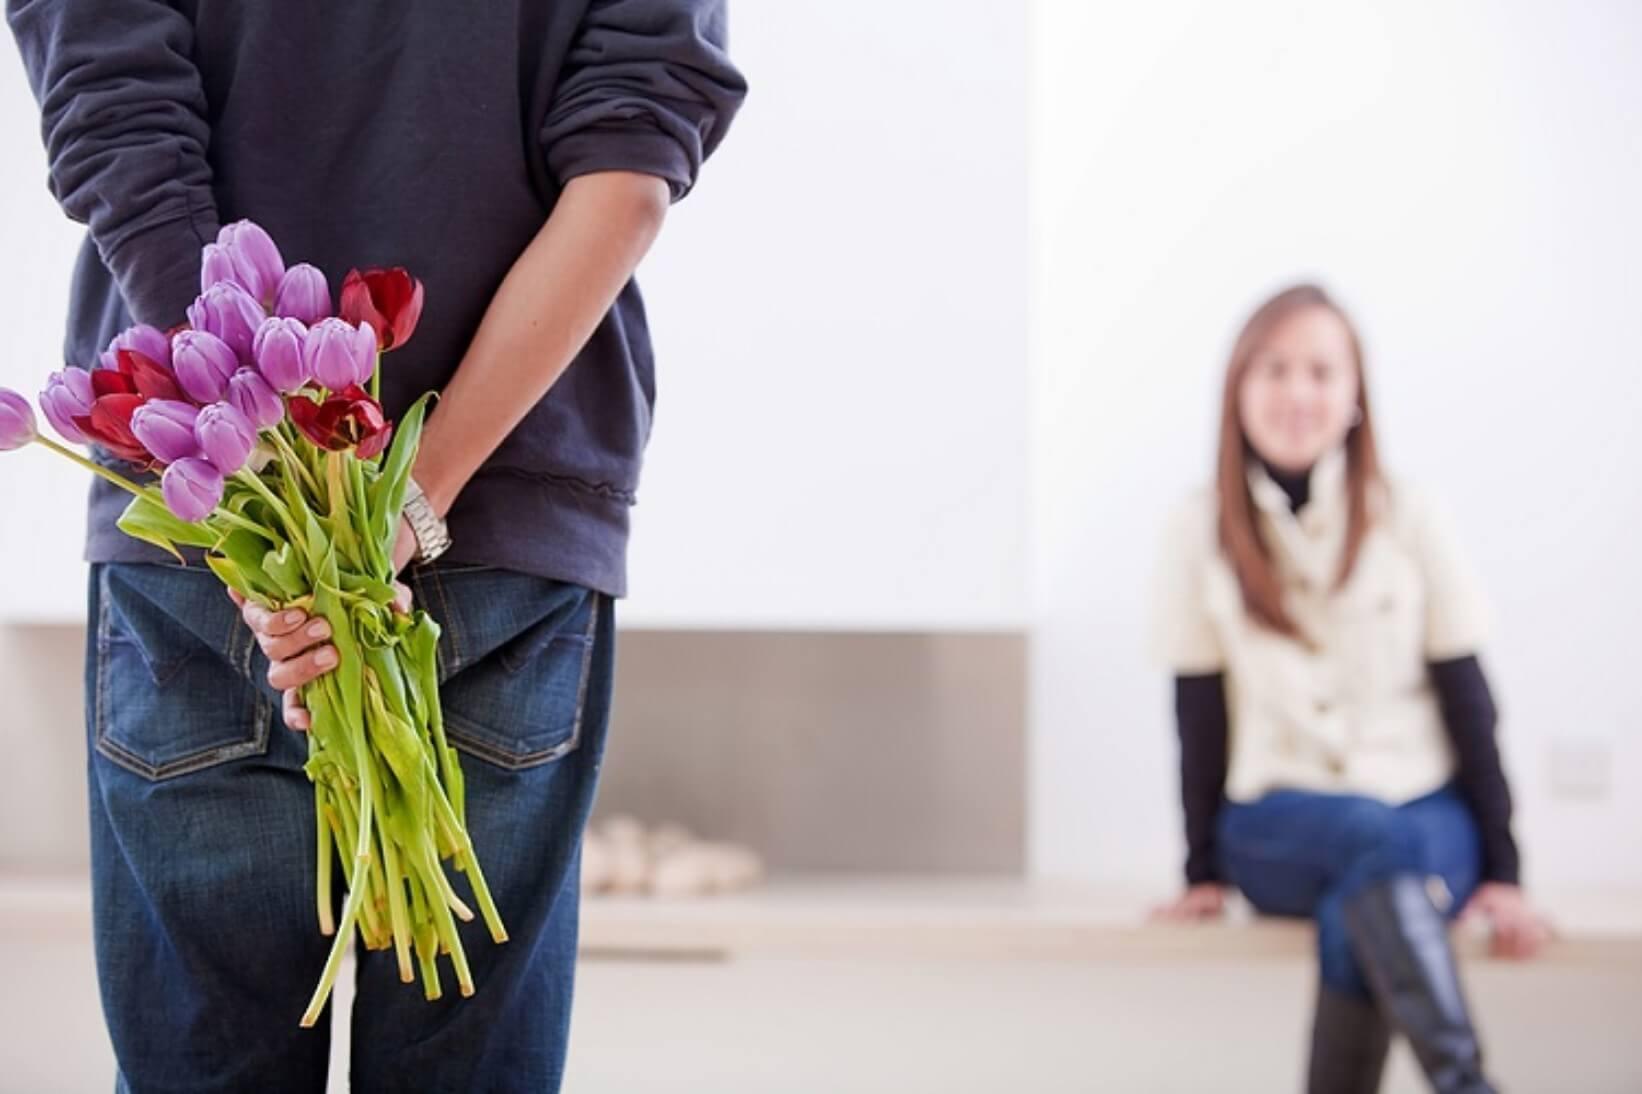 Купить цветы любимой в Харькове с услугой доставка цветов – самое лучшее из решений